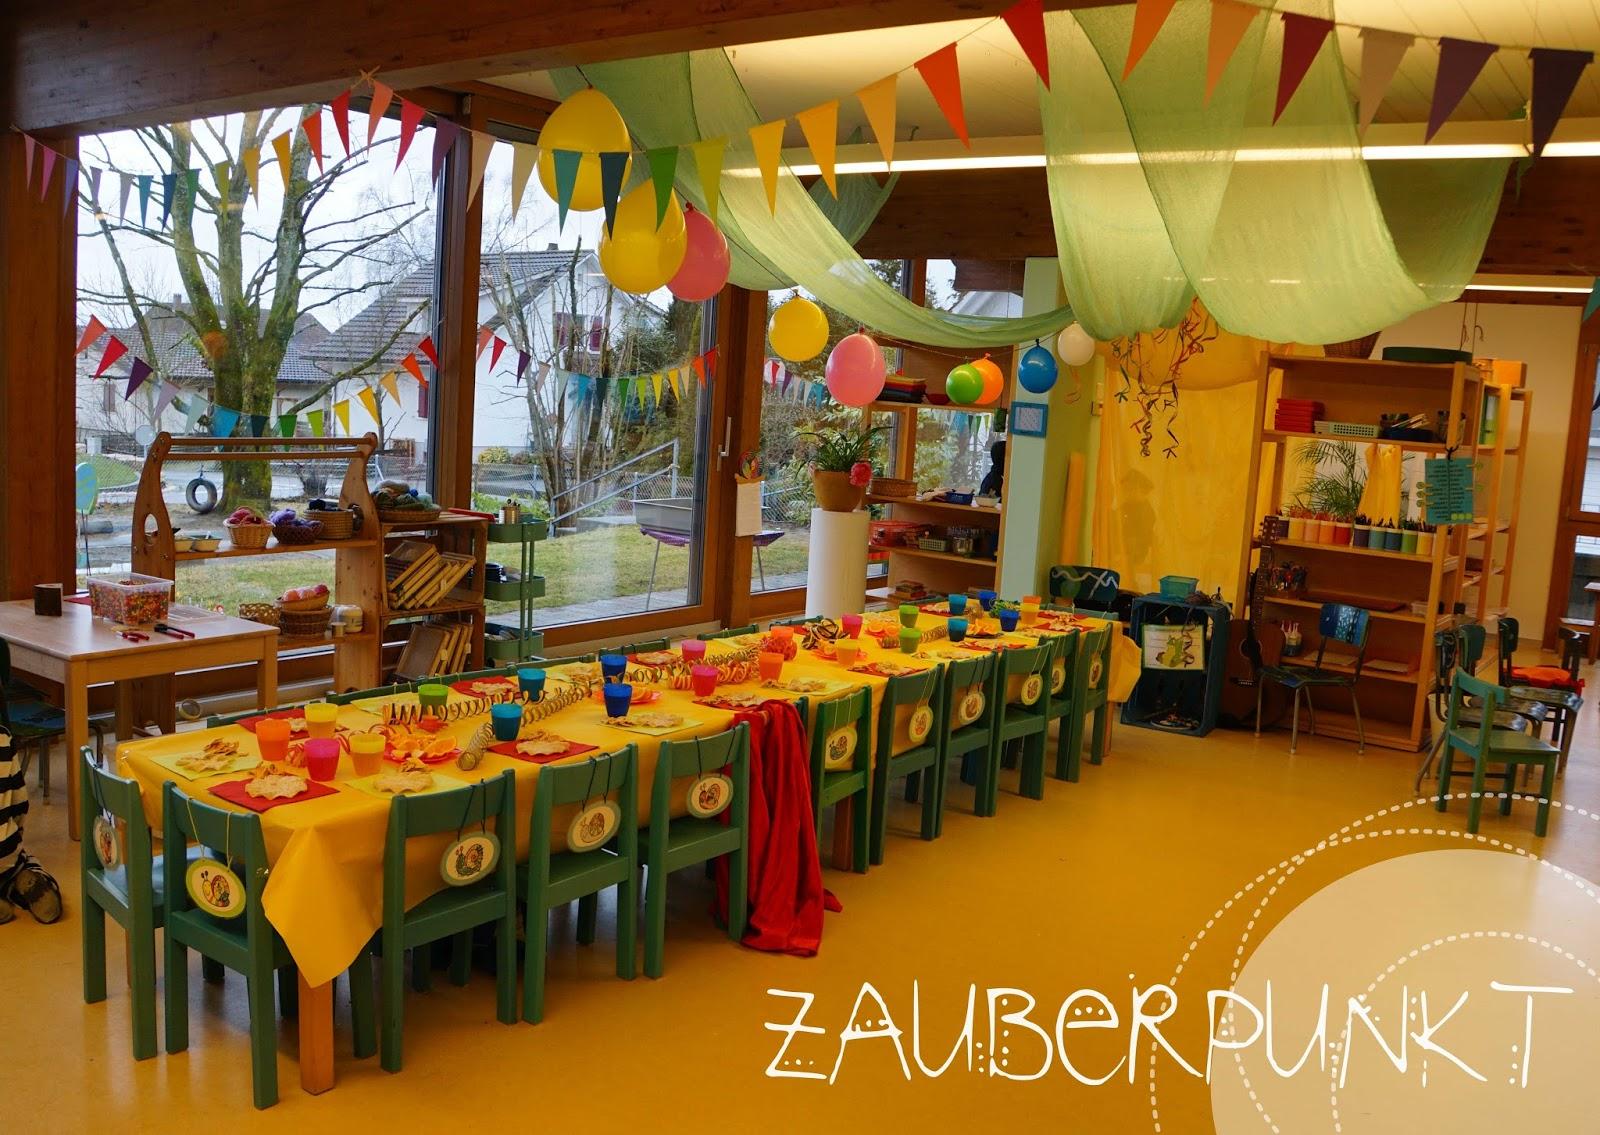 Zauberpunkt Karneval Fasching Fasnacht Im Kindergarten Mit 2